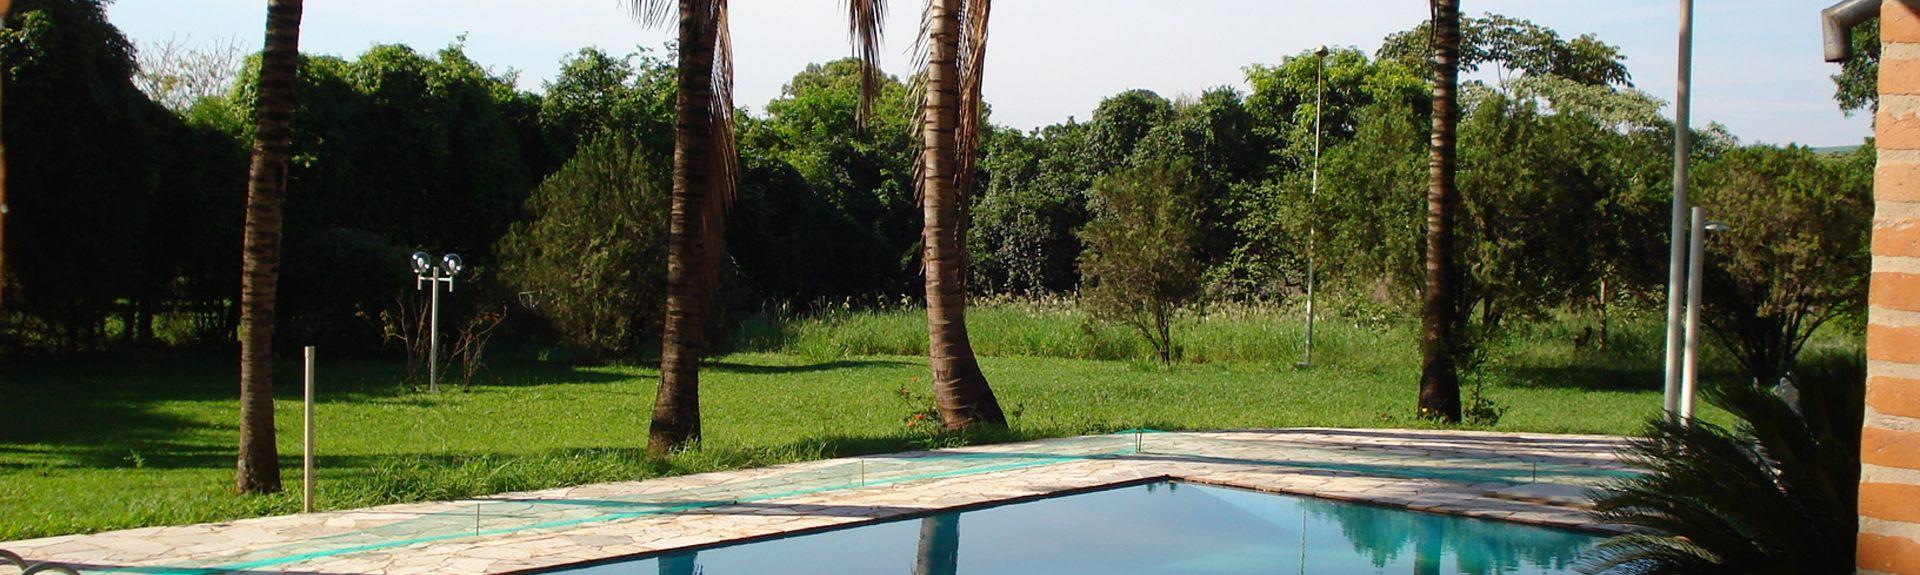 Ribeirão Preto, Region Südosten, Brasilien